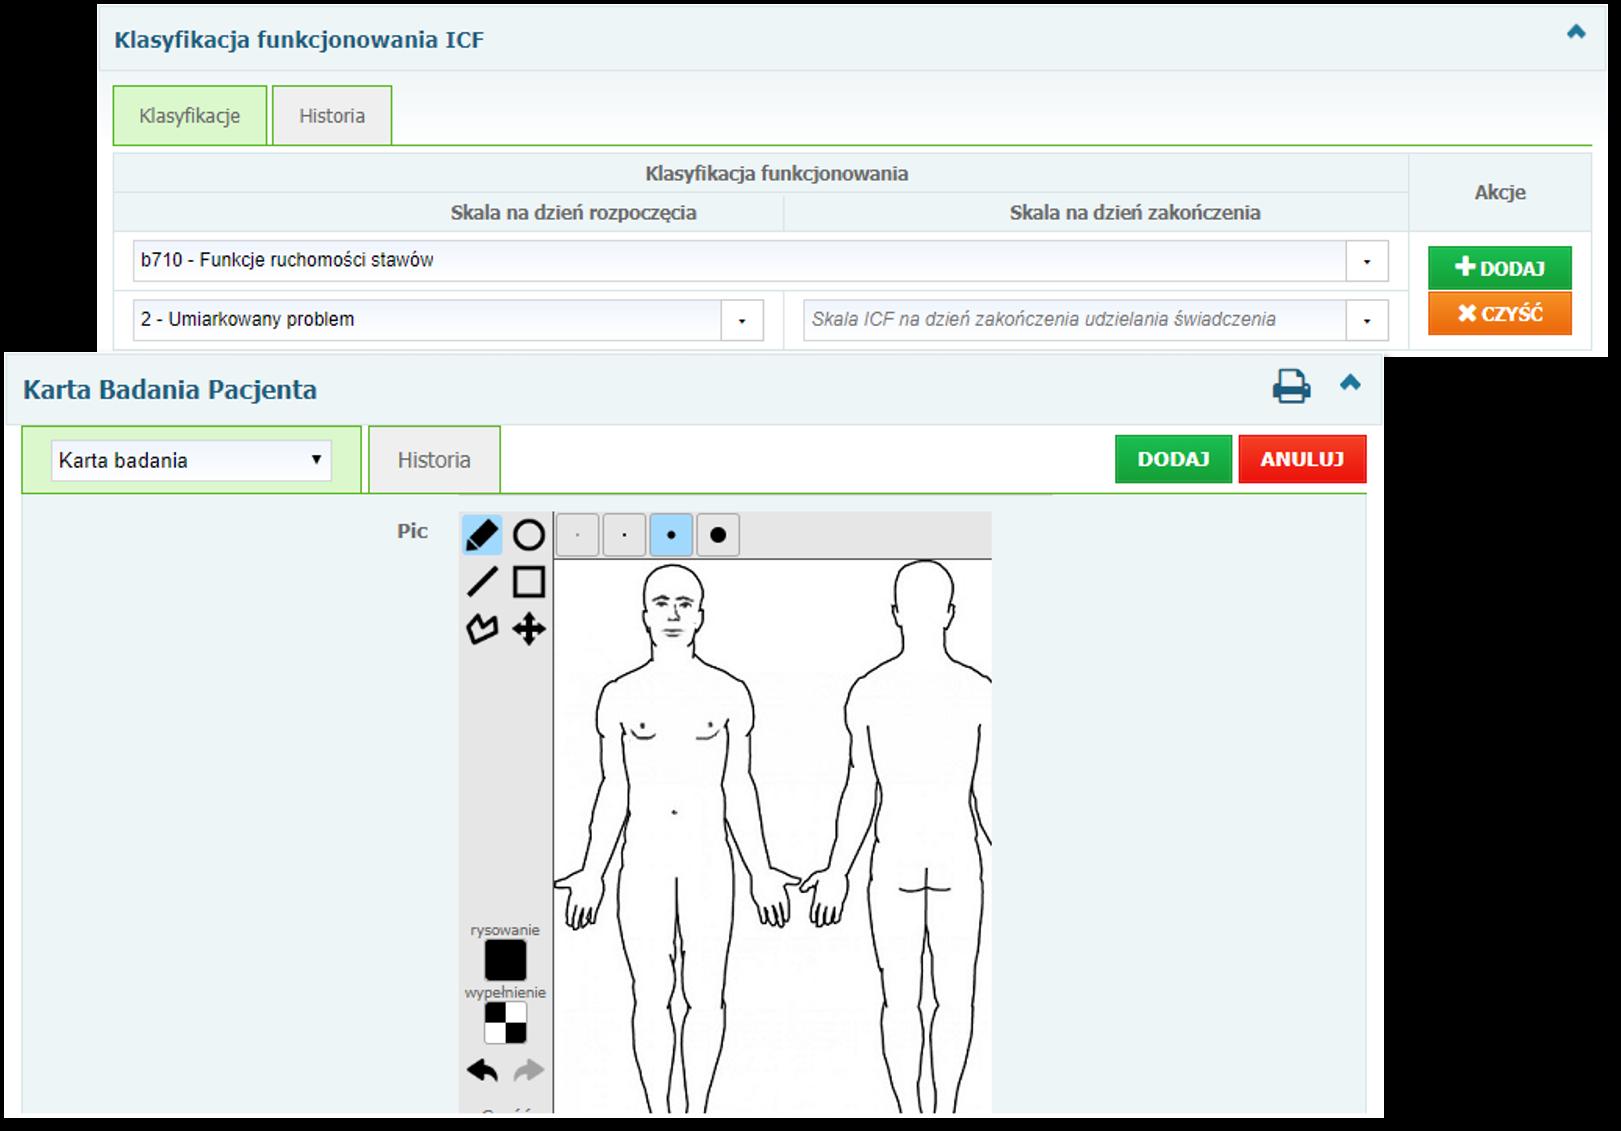 Sekcje: Klasyfikacja funkcjonowania ICF oraz Karta Badania Pacjenta